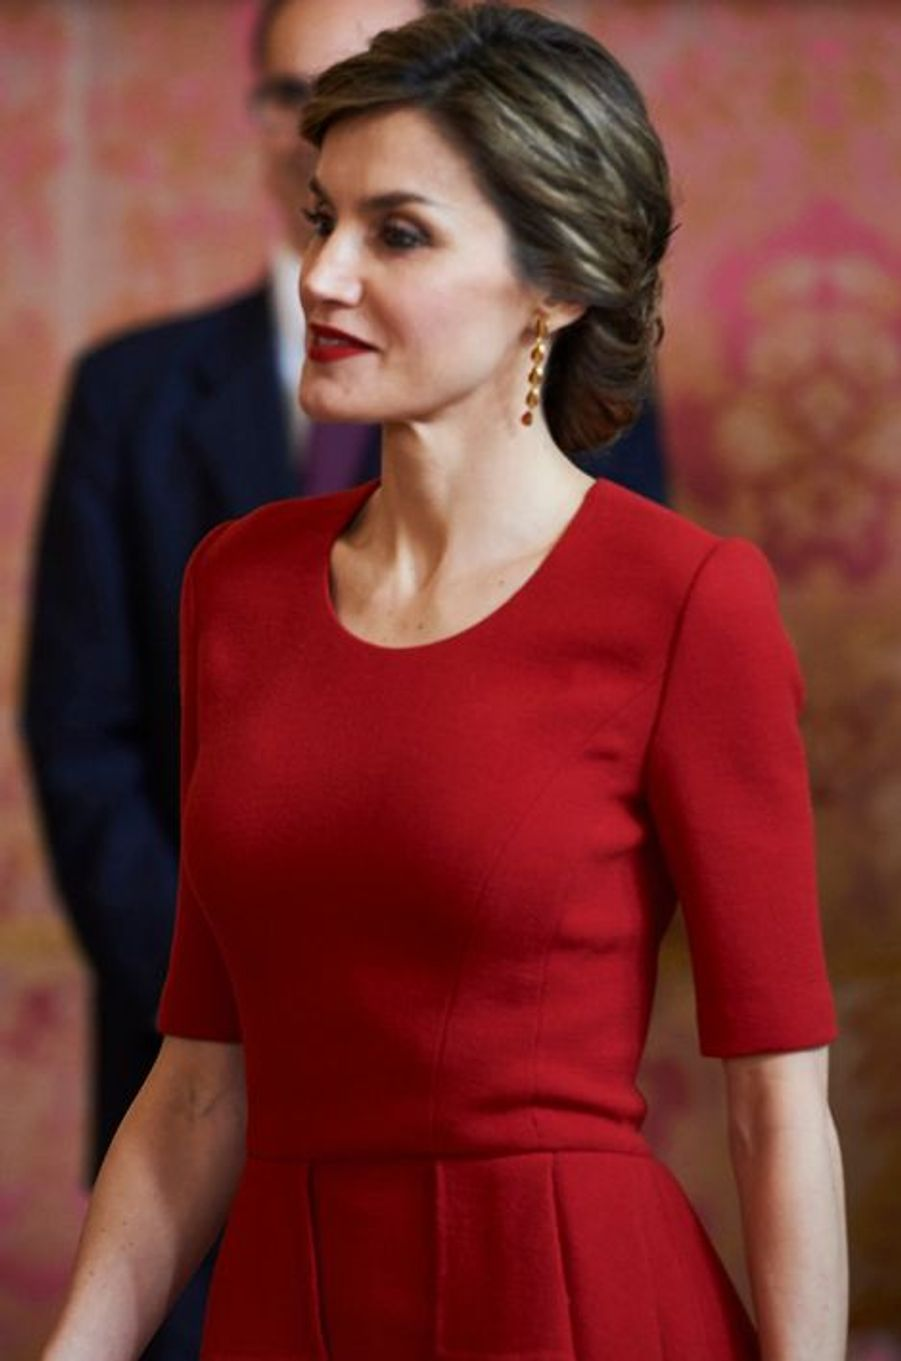 La reine Letizia d'Espagne à Madrid, le 22 avril 2016